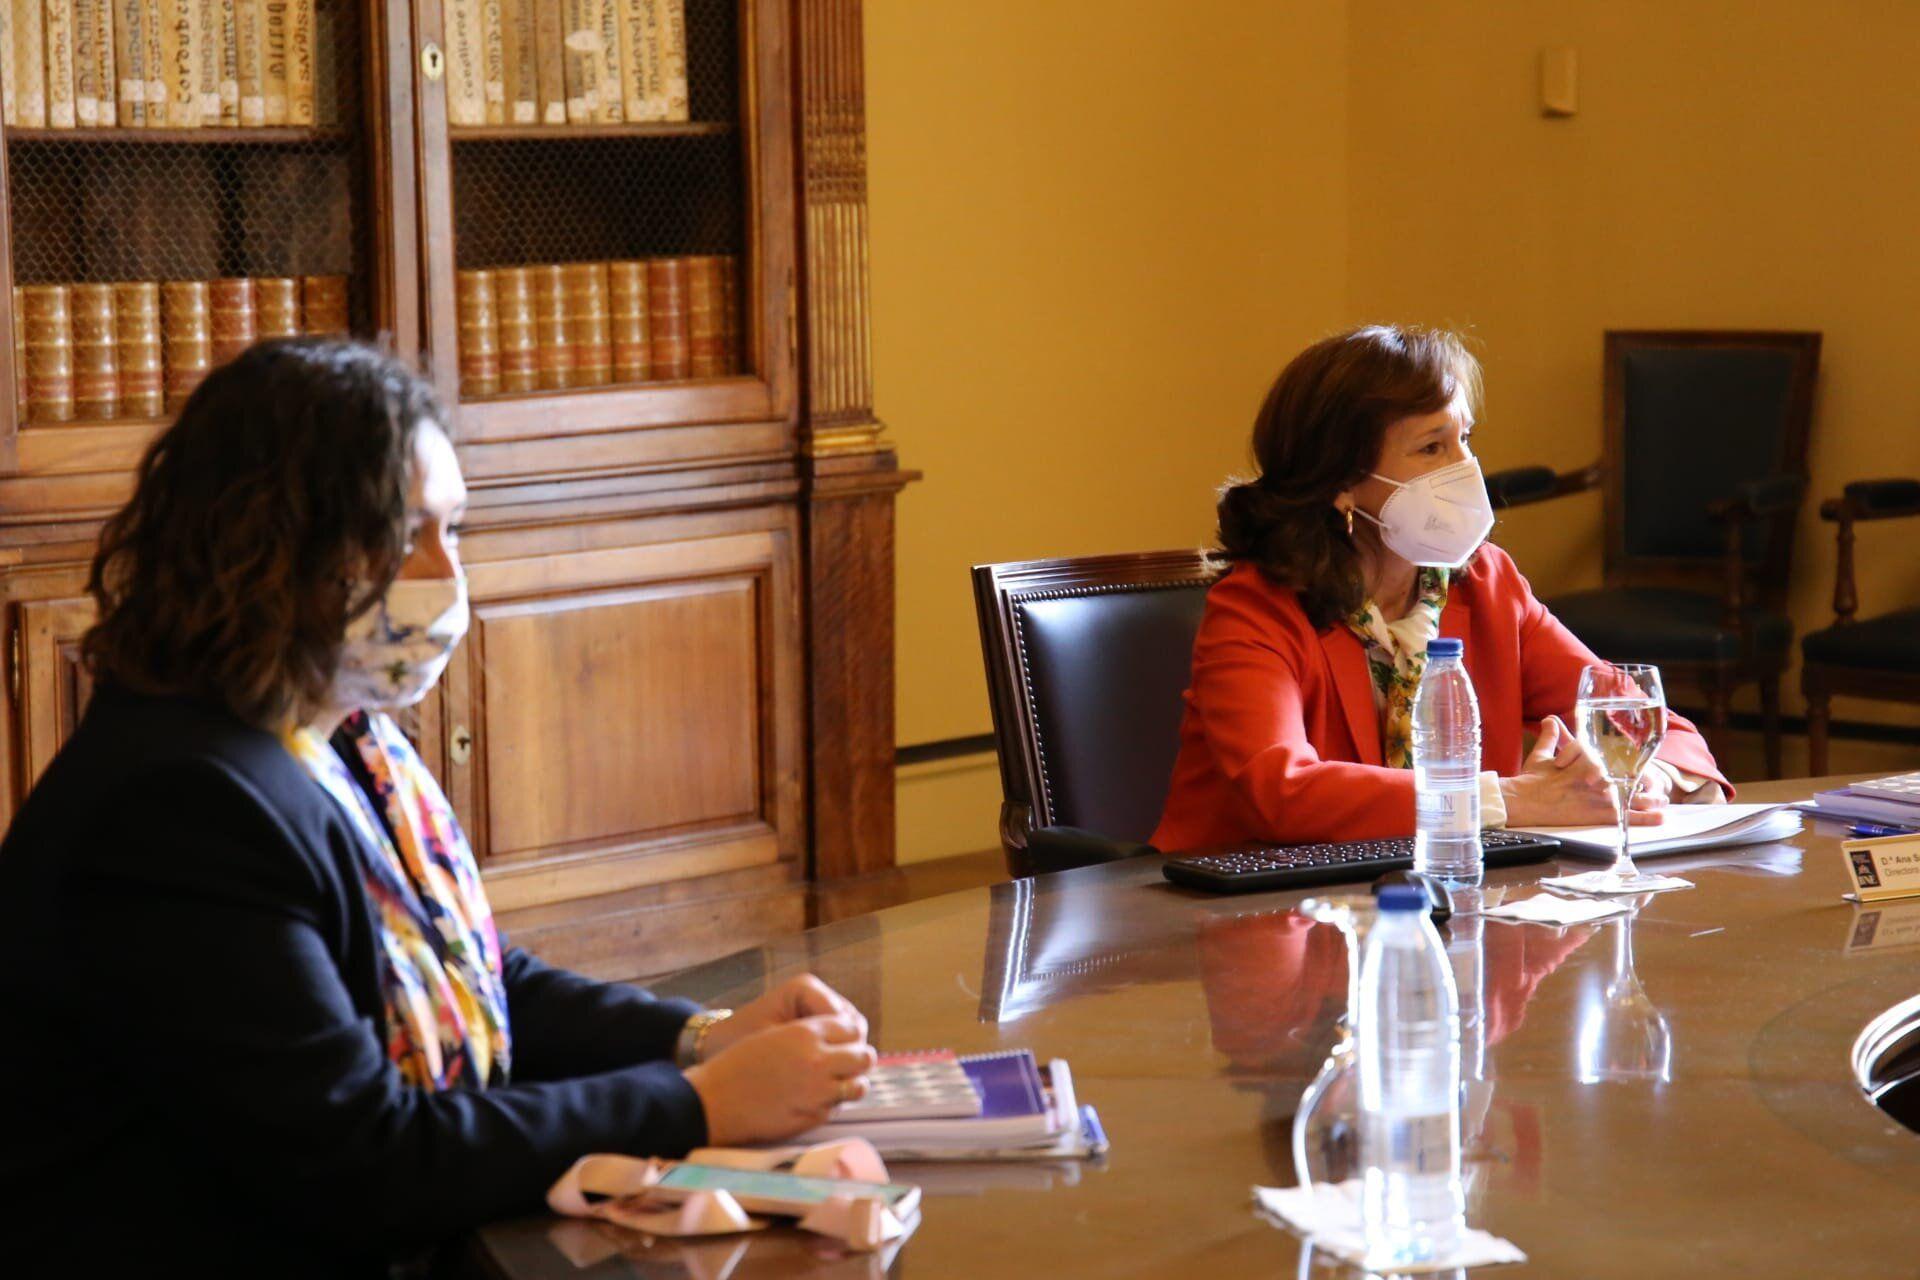 El Gobierno de Castilla-La Mancha felicita públicamente a la nueva presidenta del Real Patronato de la Biblioteca Nacional de España, Elvira Lindo